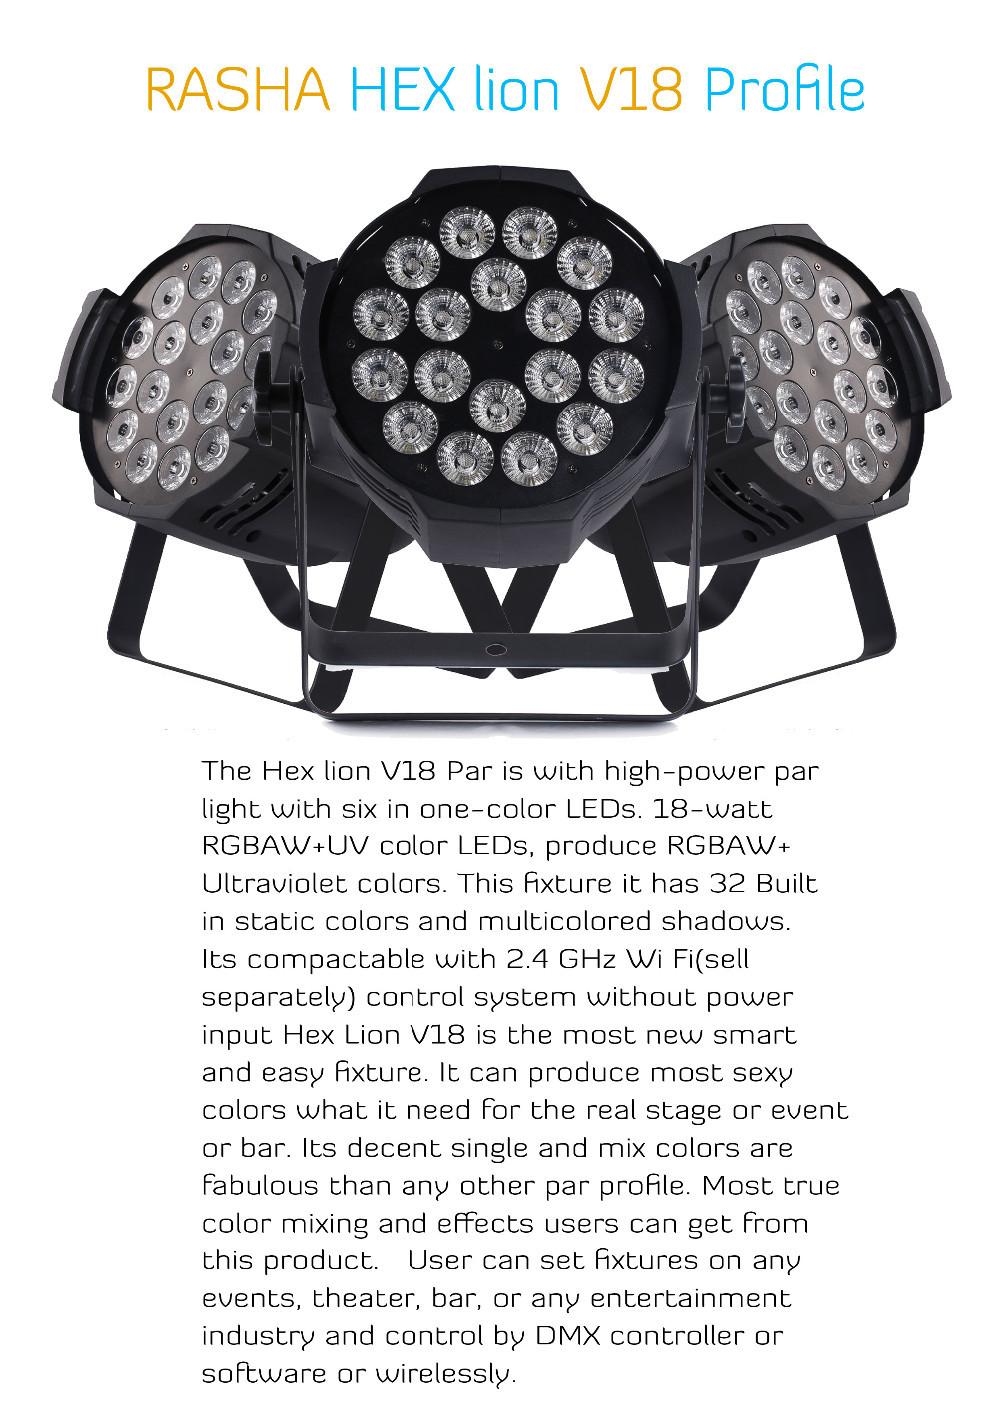 Купить 12 шт./лот Раша Лучший Продажа 18*18 Вт 6IN1 RGBAW UV LED Par Can С PowerCON DMX В и Для Disco Party Событие